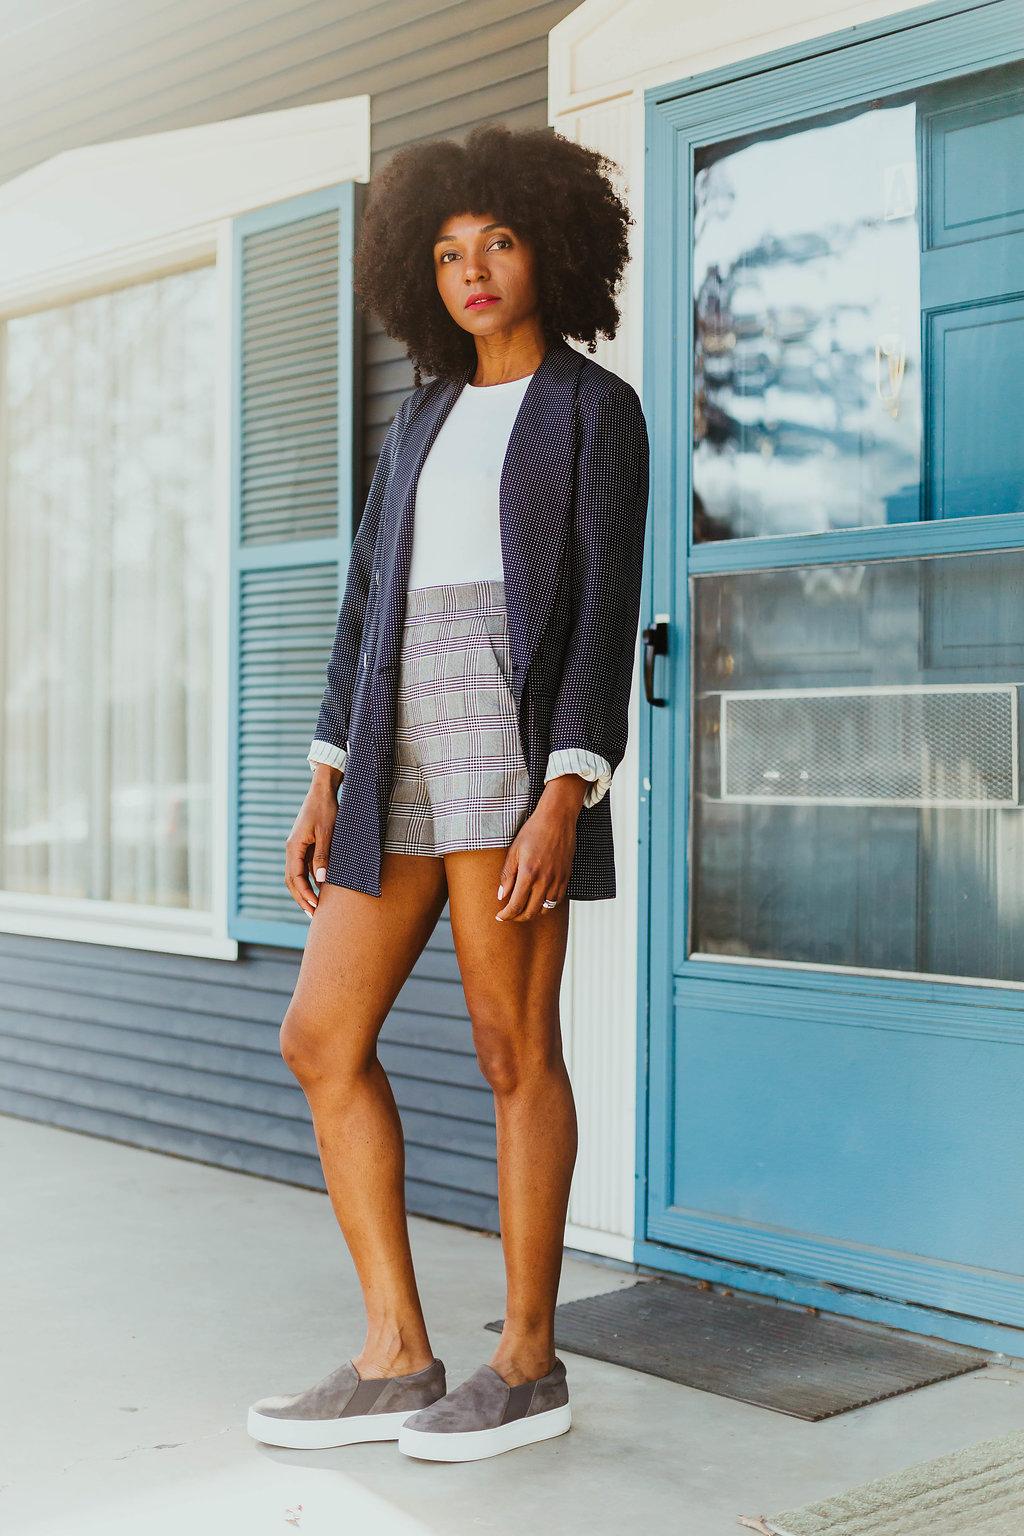 95679a1db9db7e fashion blogger- Laura Tully Wardrobe Stylist Blog — Laura Tully ...